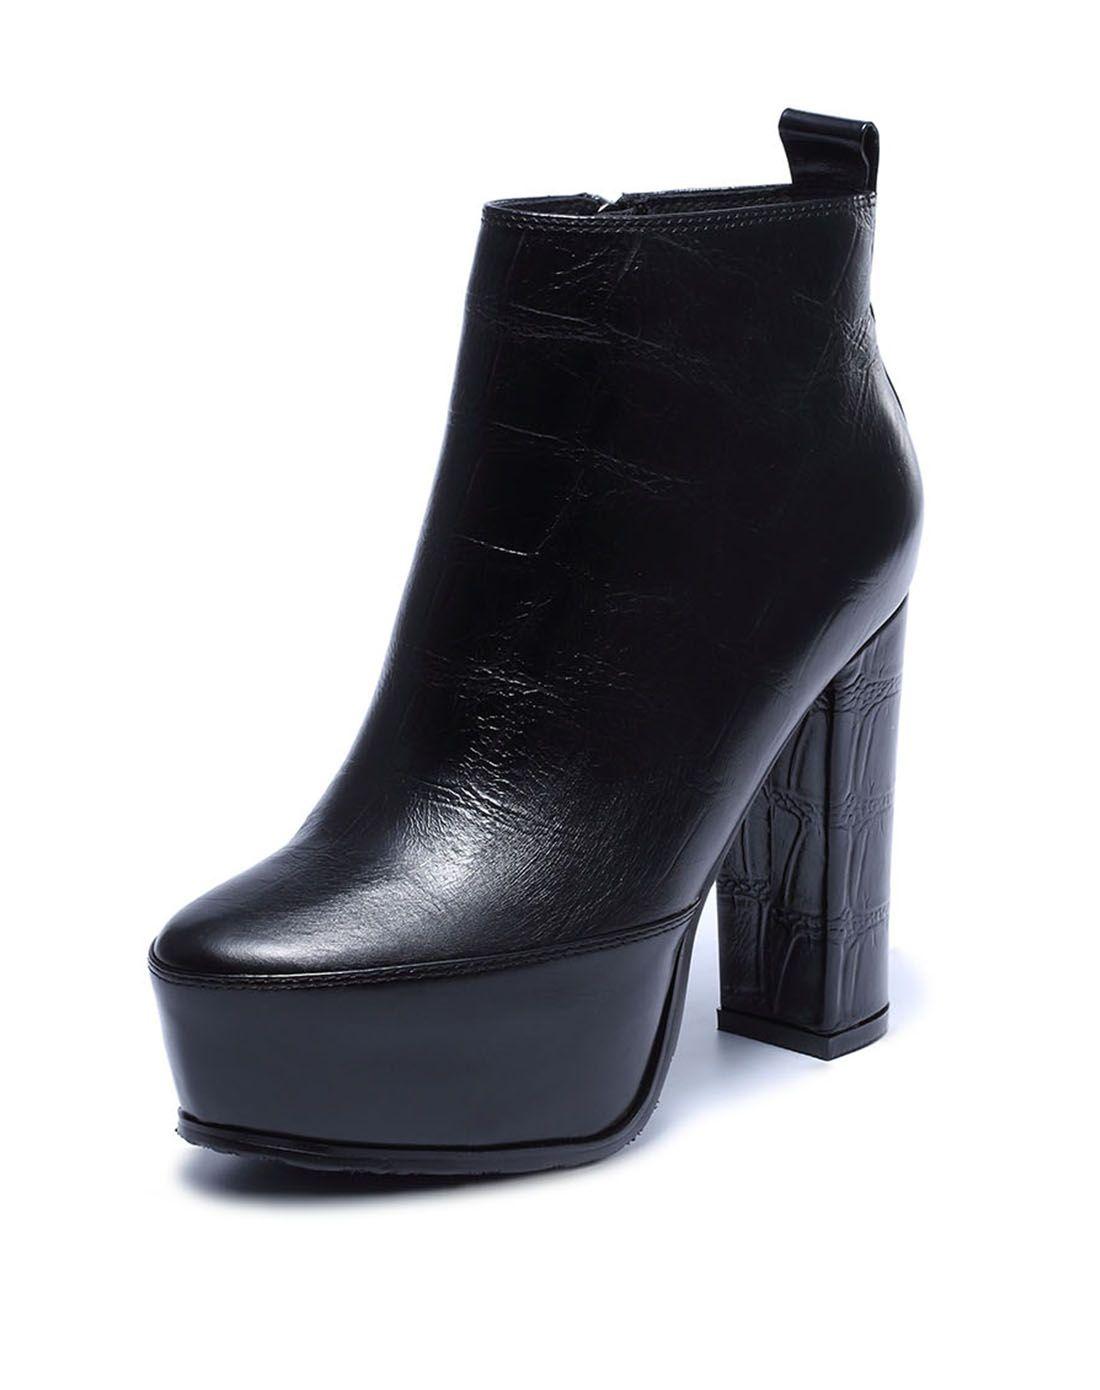 黑色牛皮时尚粗跟超高跟鞋